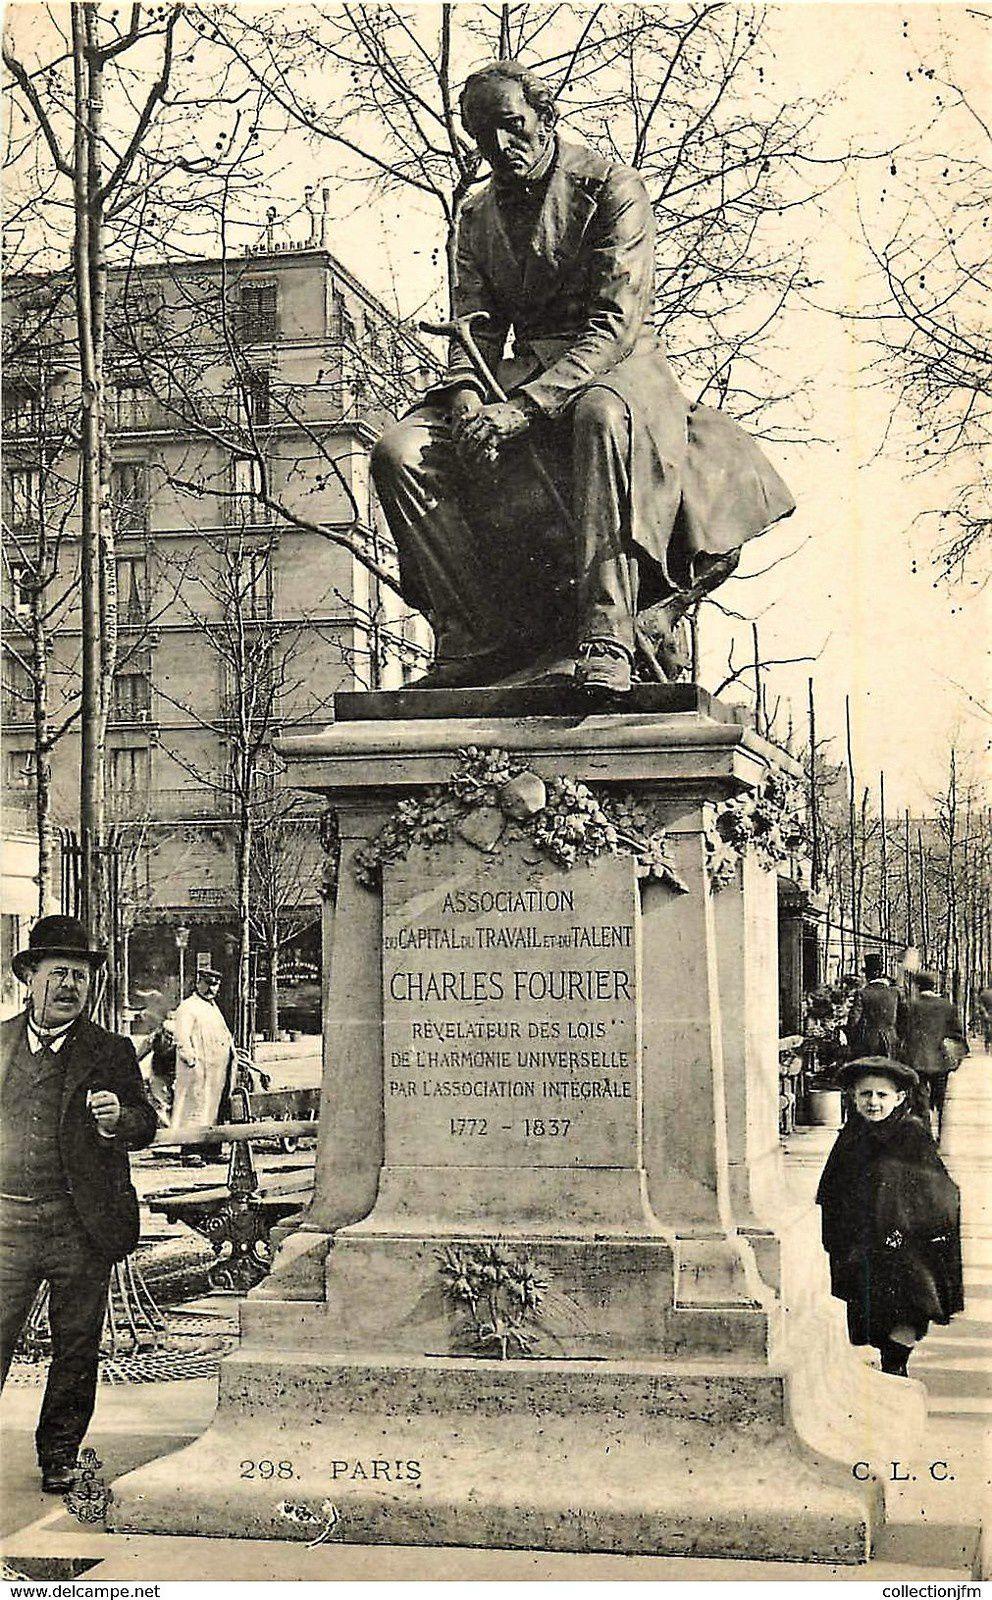 La statue de Fourier par Derré, boulevard de Clichy, fondue par le régime de Vichy .